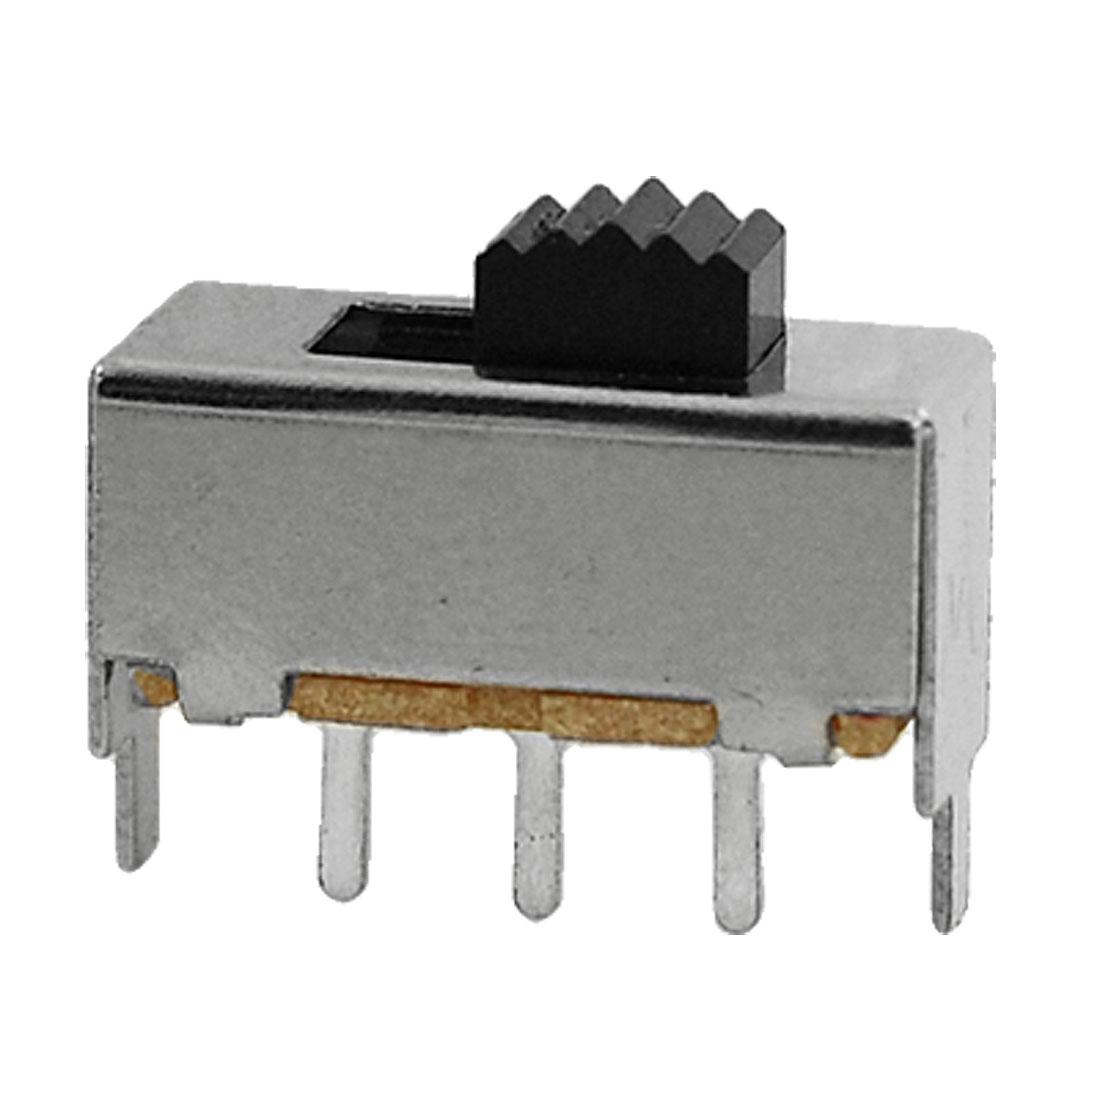 10pcs DC 50V 0.5A 2 Position 1P2T SPDT Miniature Vertical Slide Switch PCB